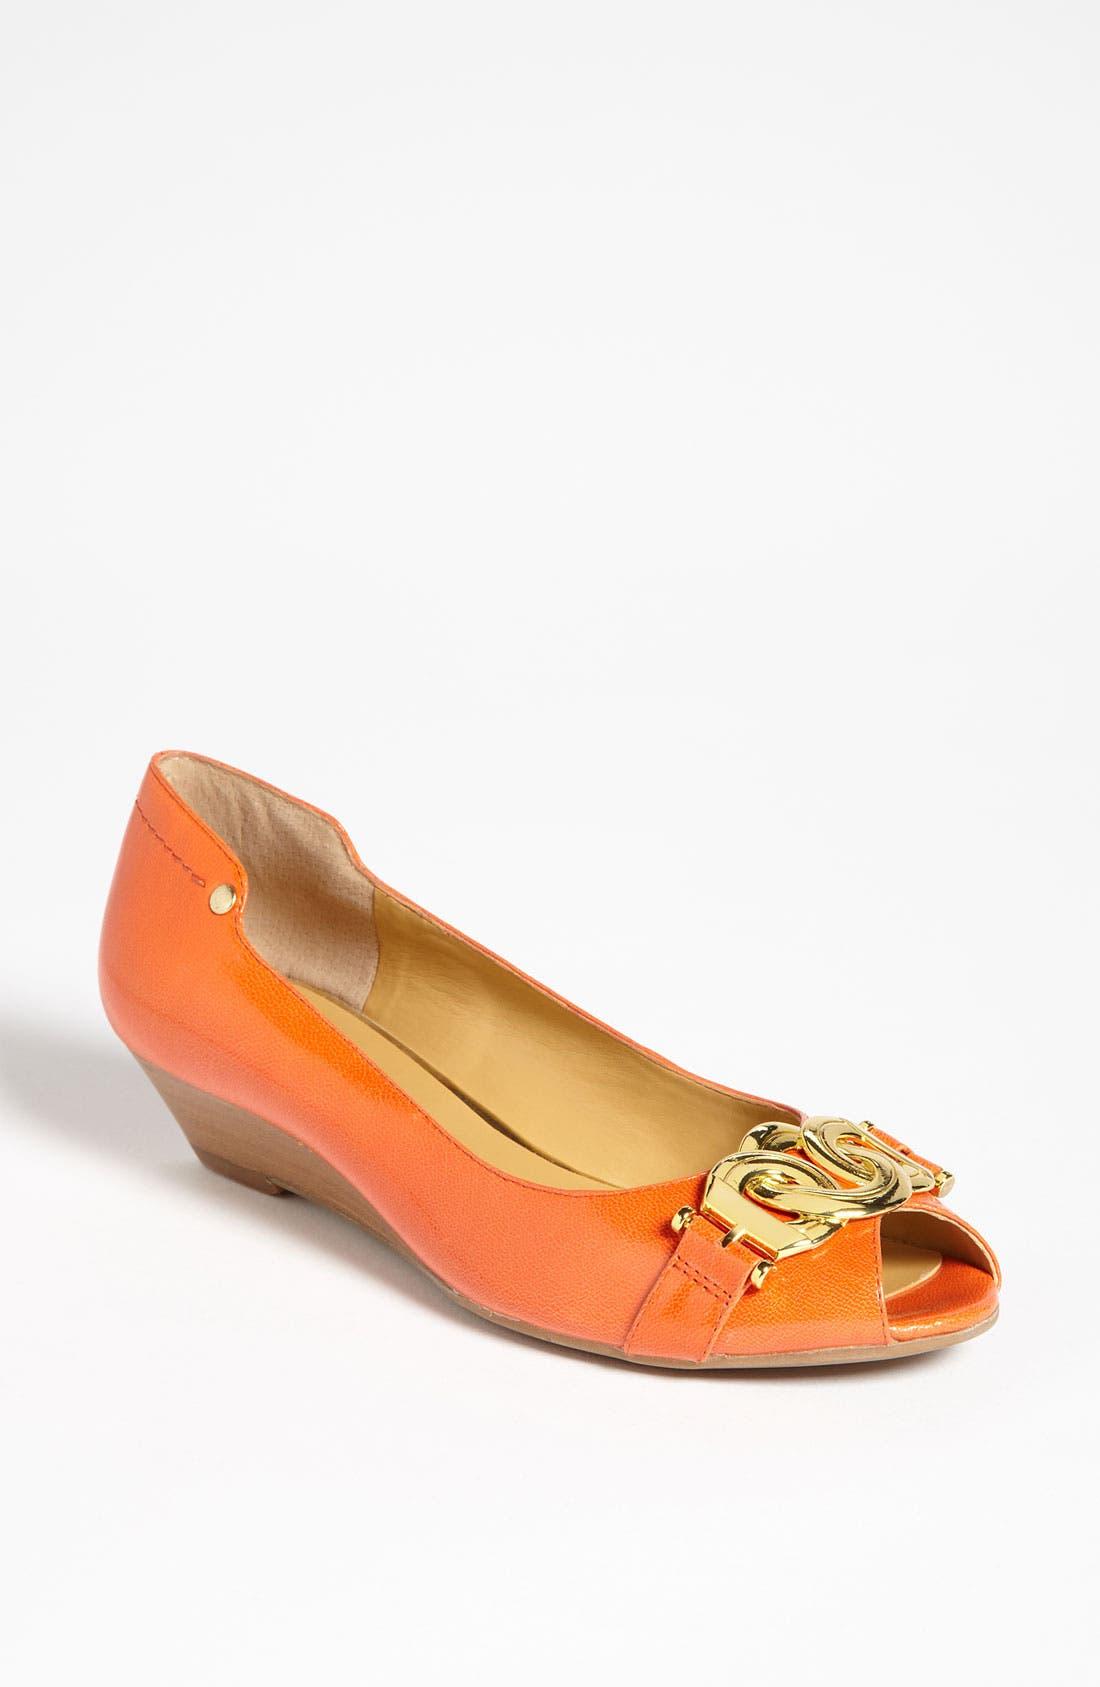 Alternate Image 1 Selected - Nine West 'Melikey' Sandal